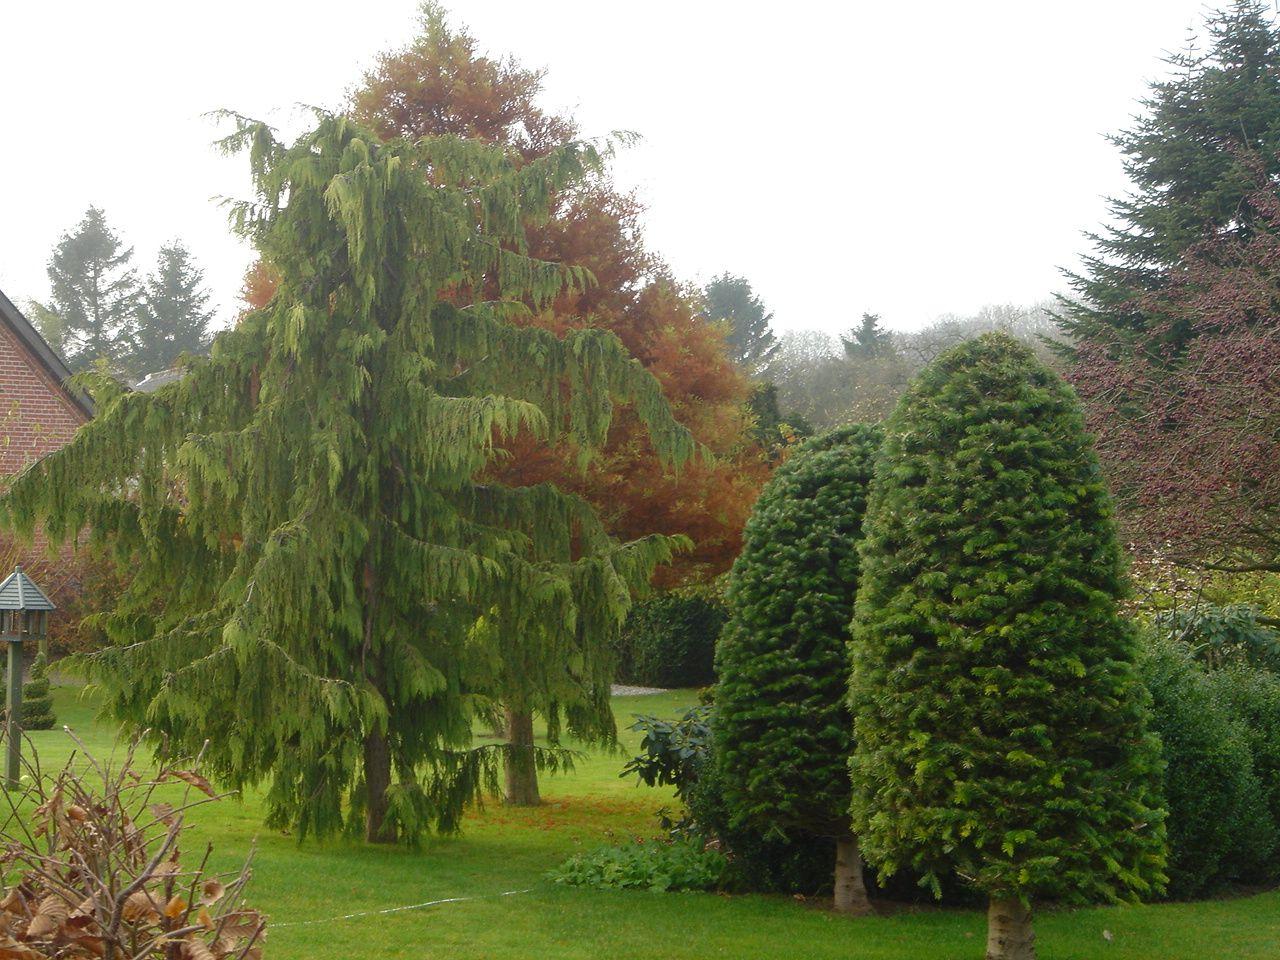 Udsnit af haven. Formklippede Ædelgran træer.